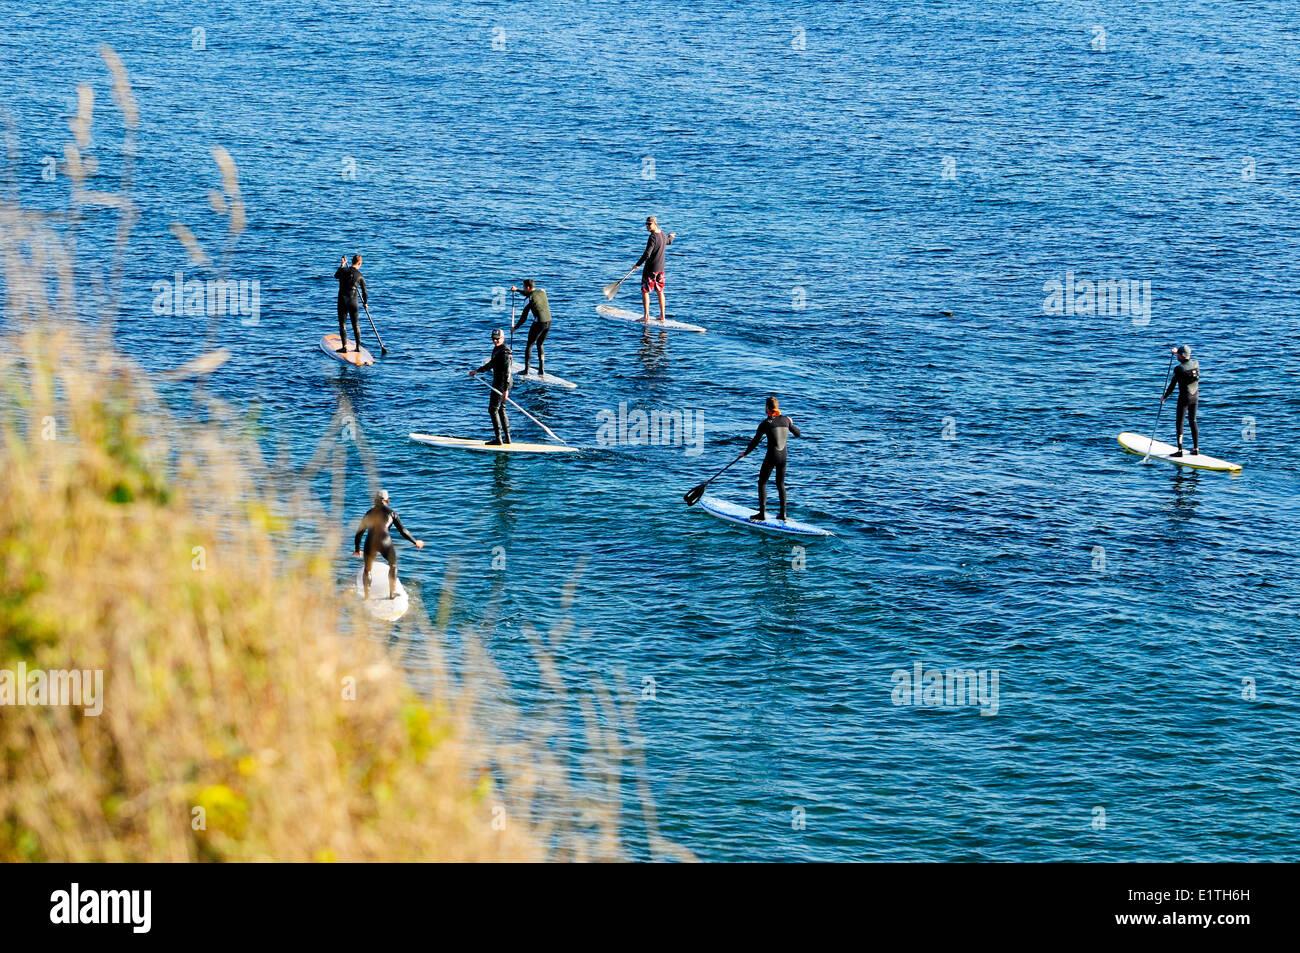 Sieben Jungs Einsatz Stand-up Paddleboards, ihren Weg entlang des Wassers in der Nähe von Dallas Road in Victoria, BC. Stockbild